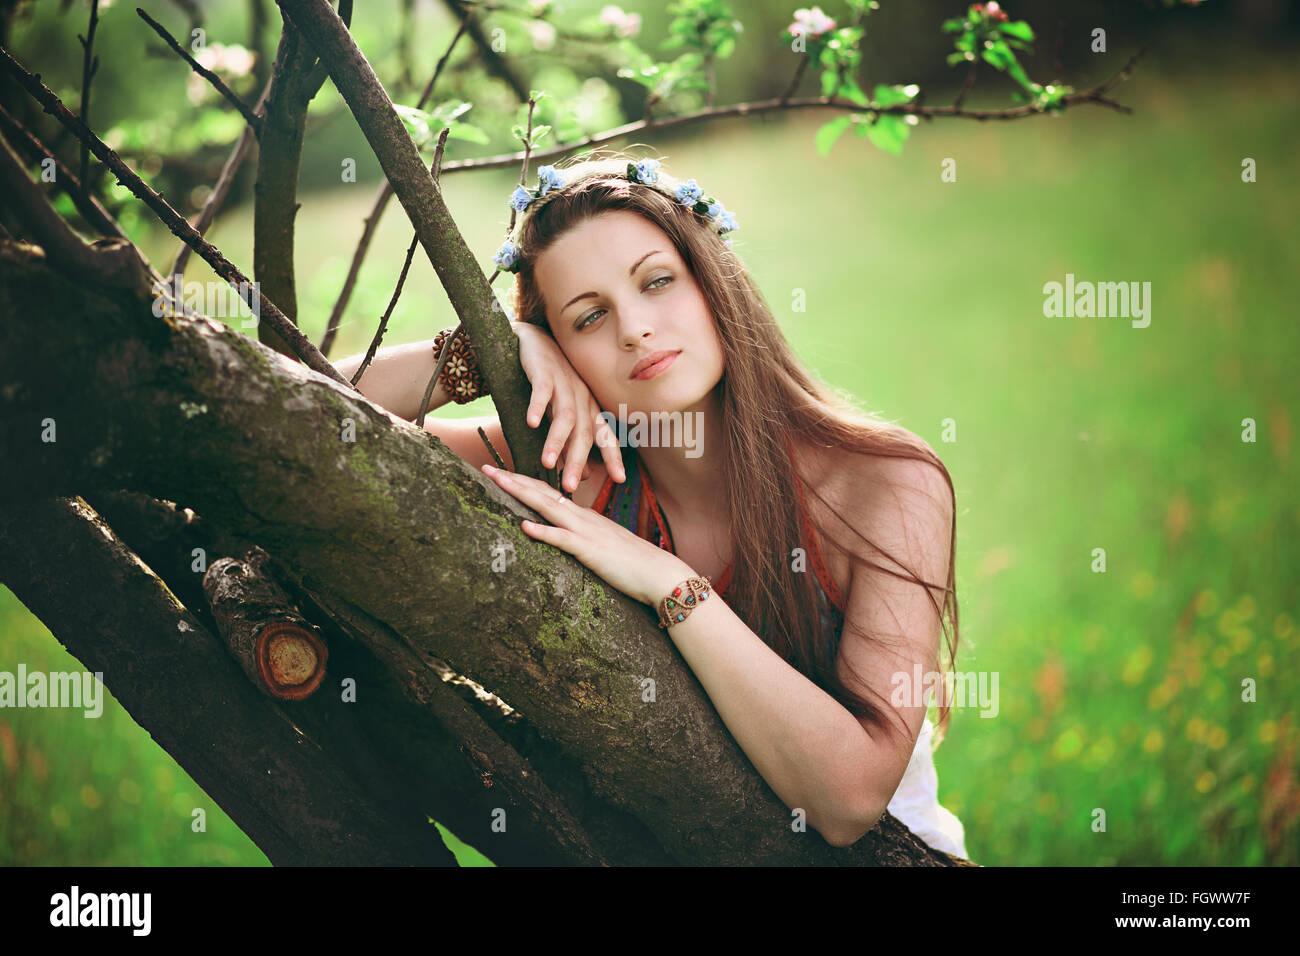 Böhmische Frau auf Frühling Baum gelehnt. Hippie und romantisch Stockbild